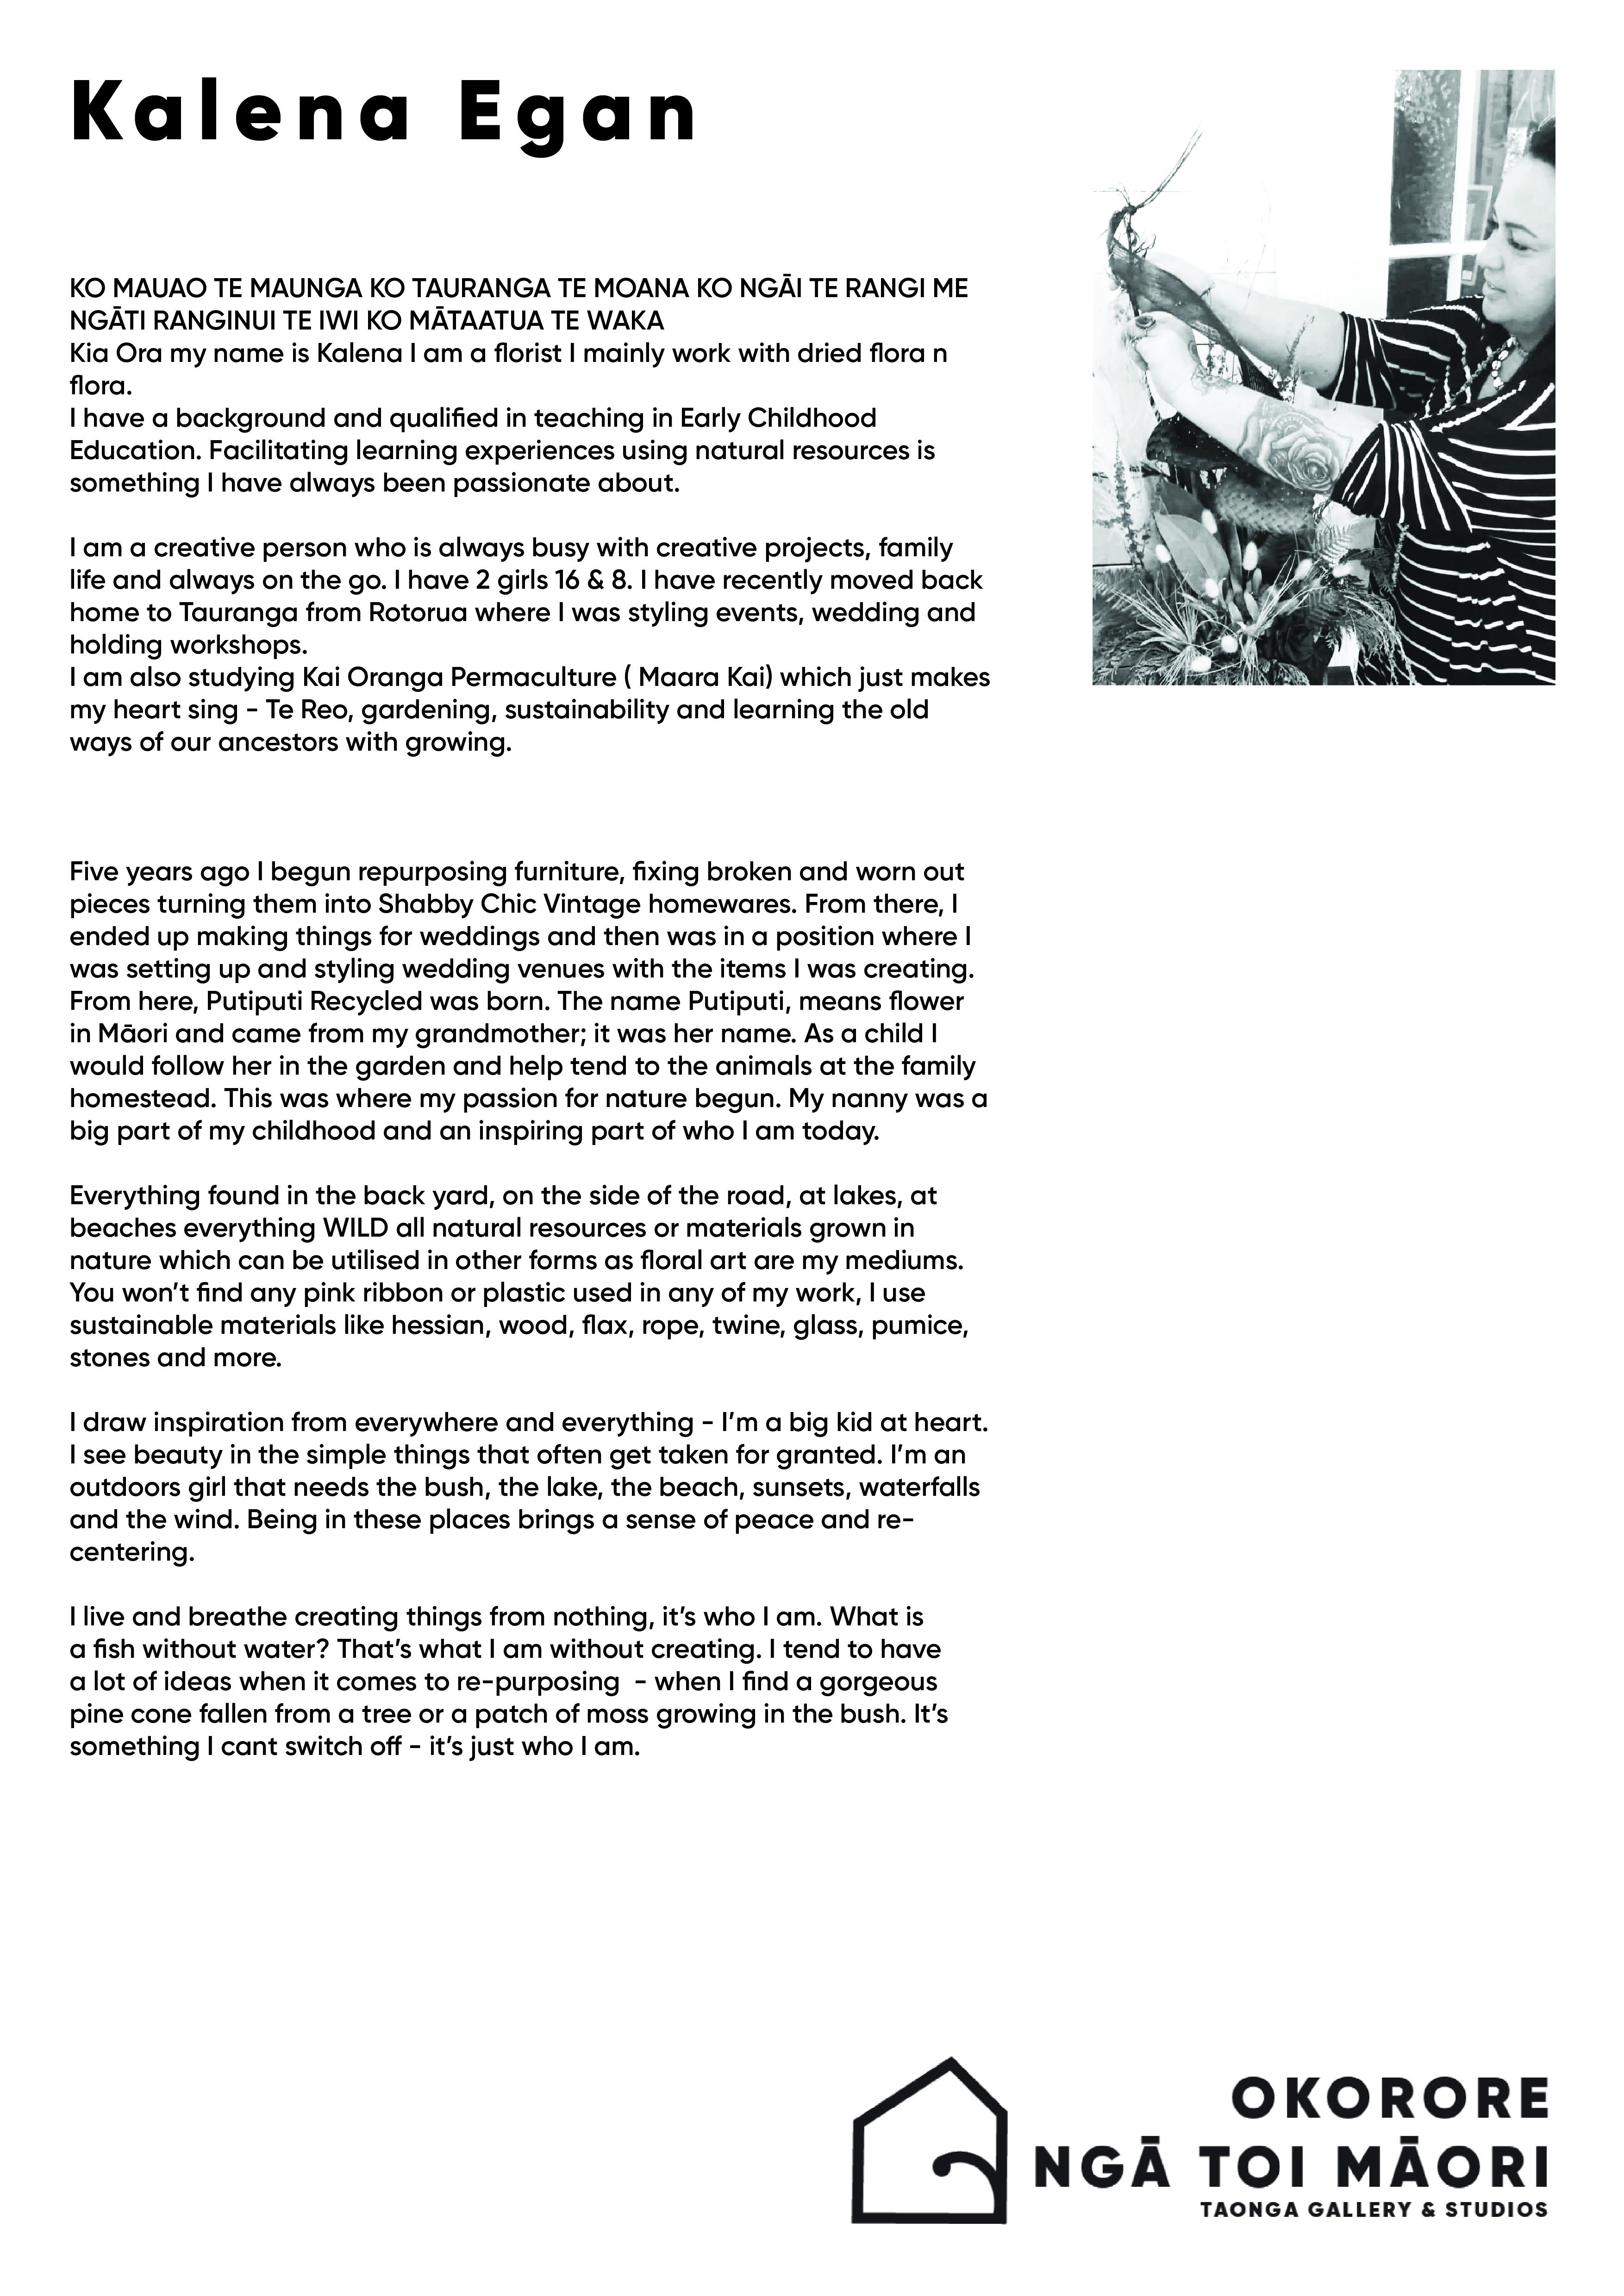 KalenaEgan2 studio bio